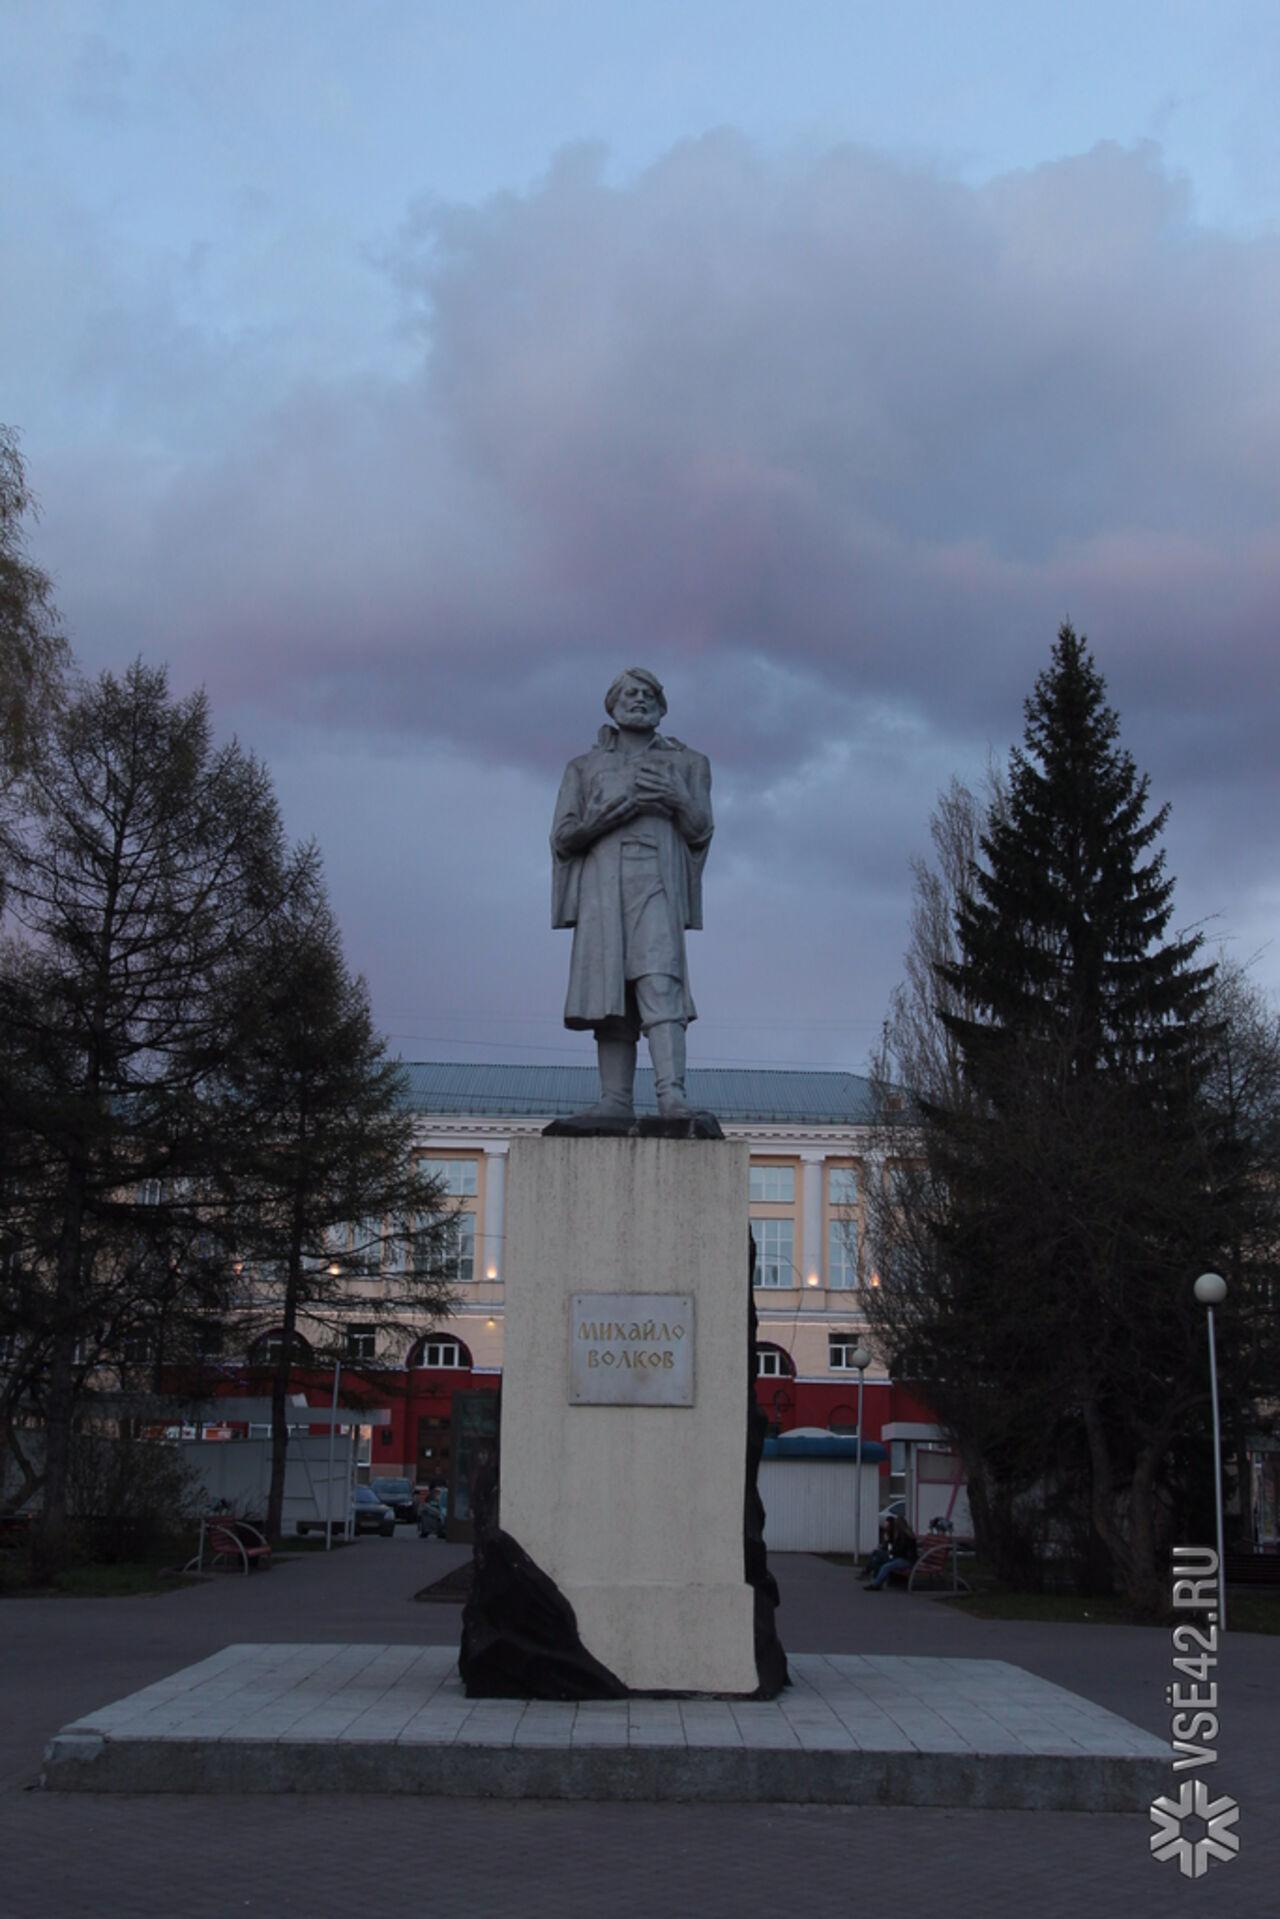 Купить памятник кемерово шахтеру искренне соболезную вашему горю